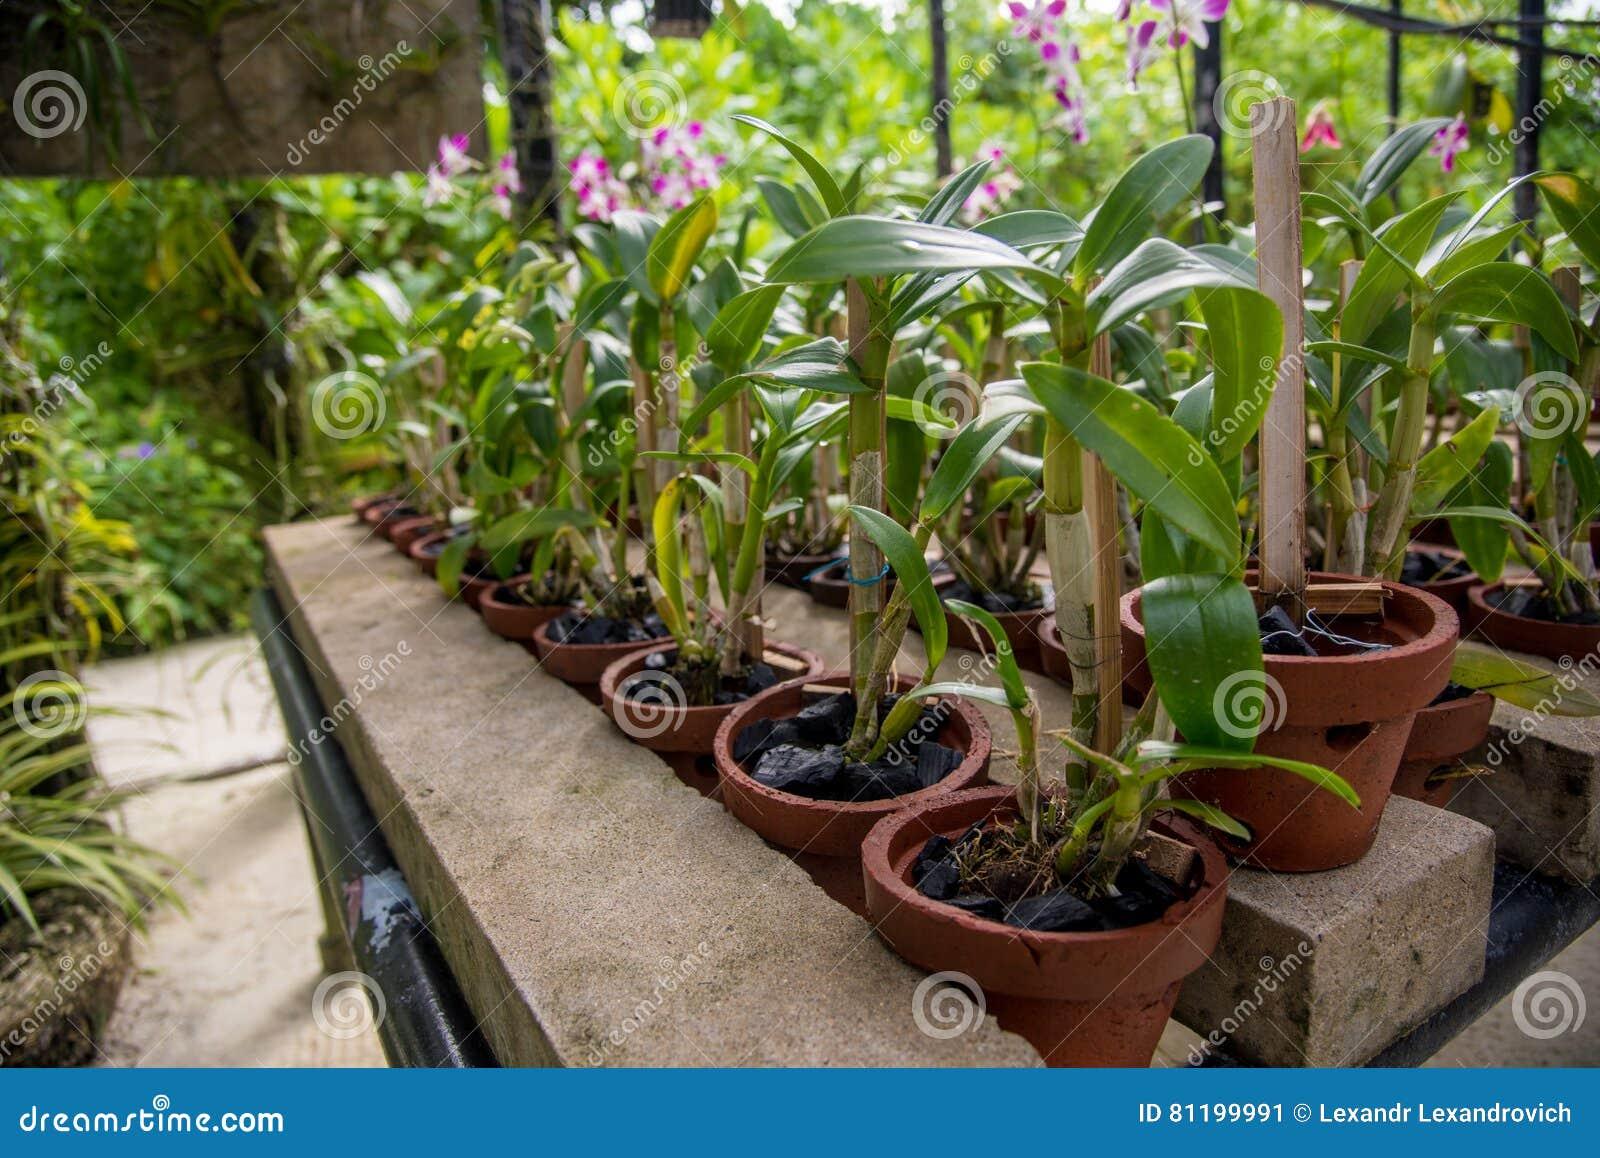 L\'orchidée Fleurit Dans Les Pots Font Du Jardinage En Serre Chaude ...